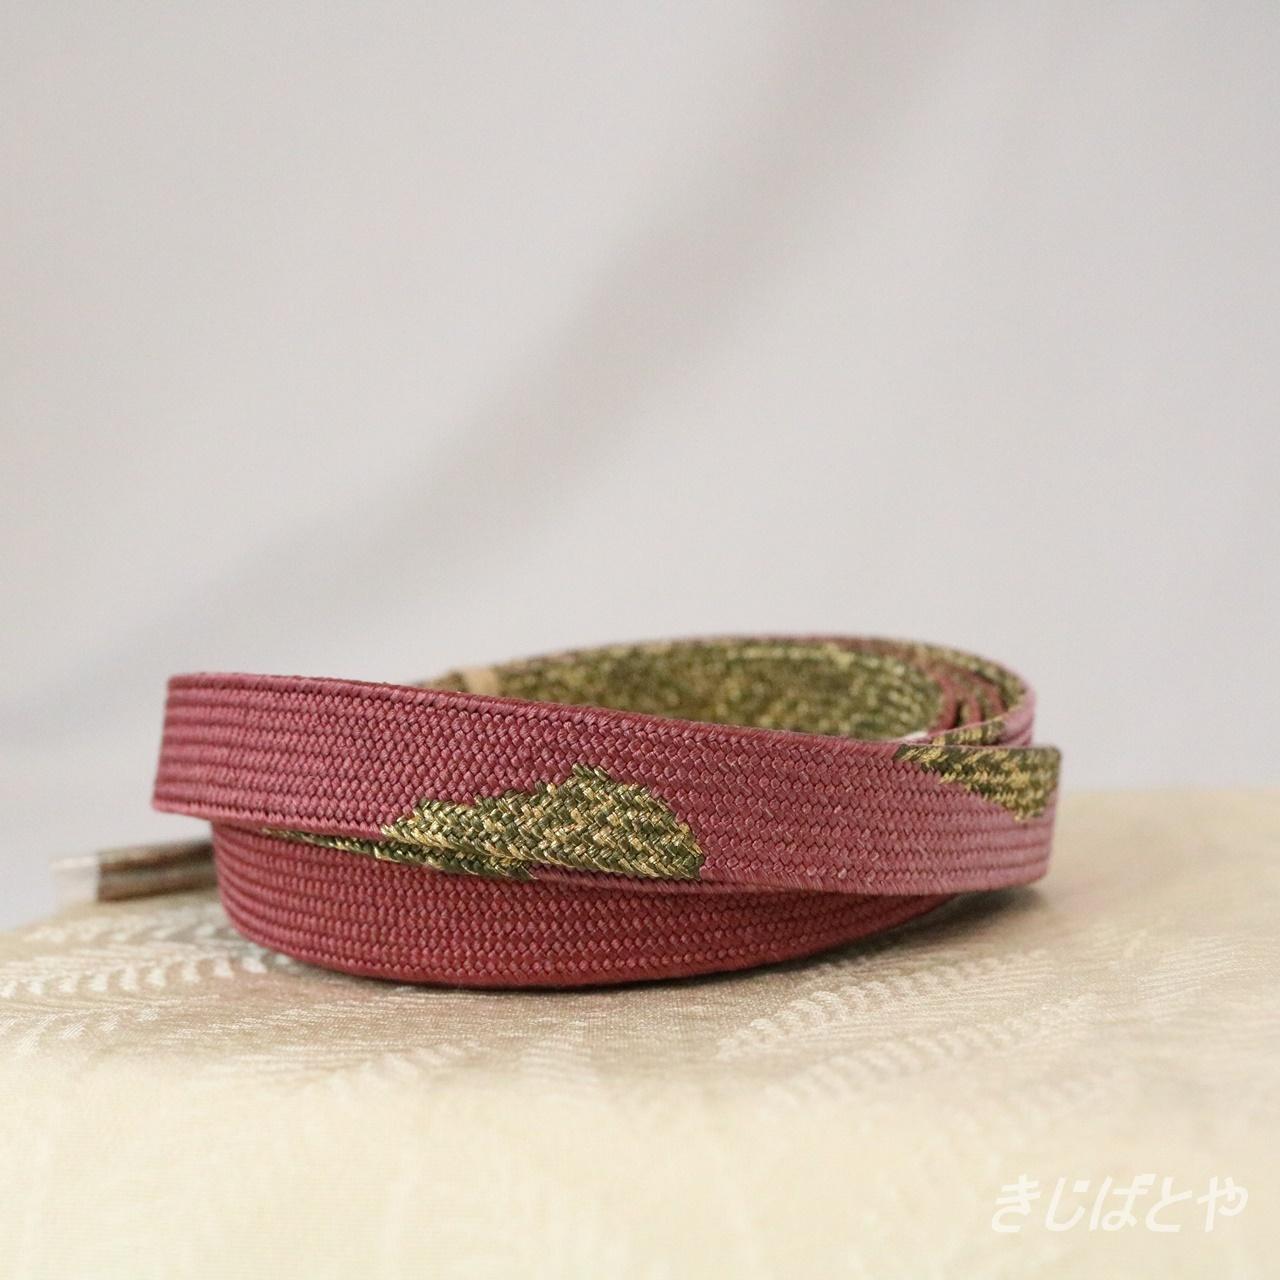 正絹 滅紅の平組の帯締め